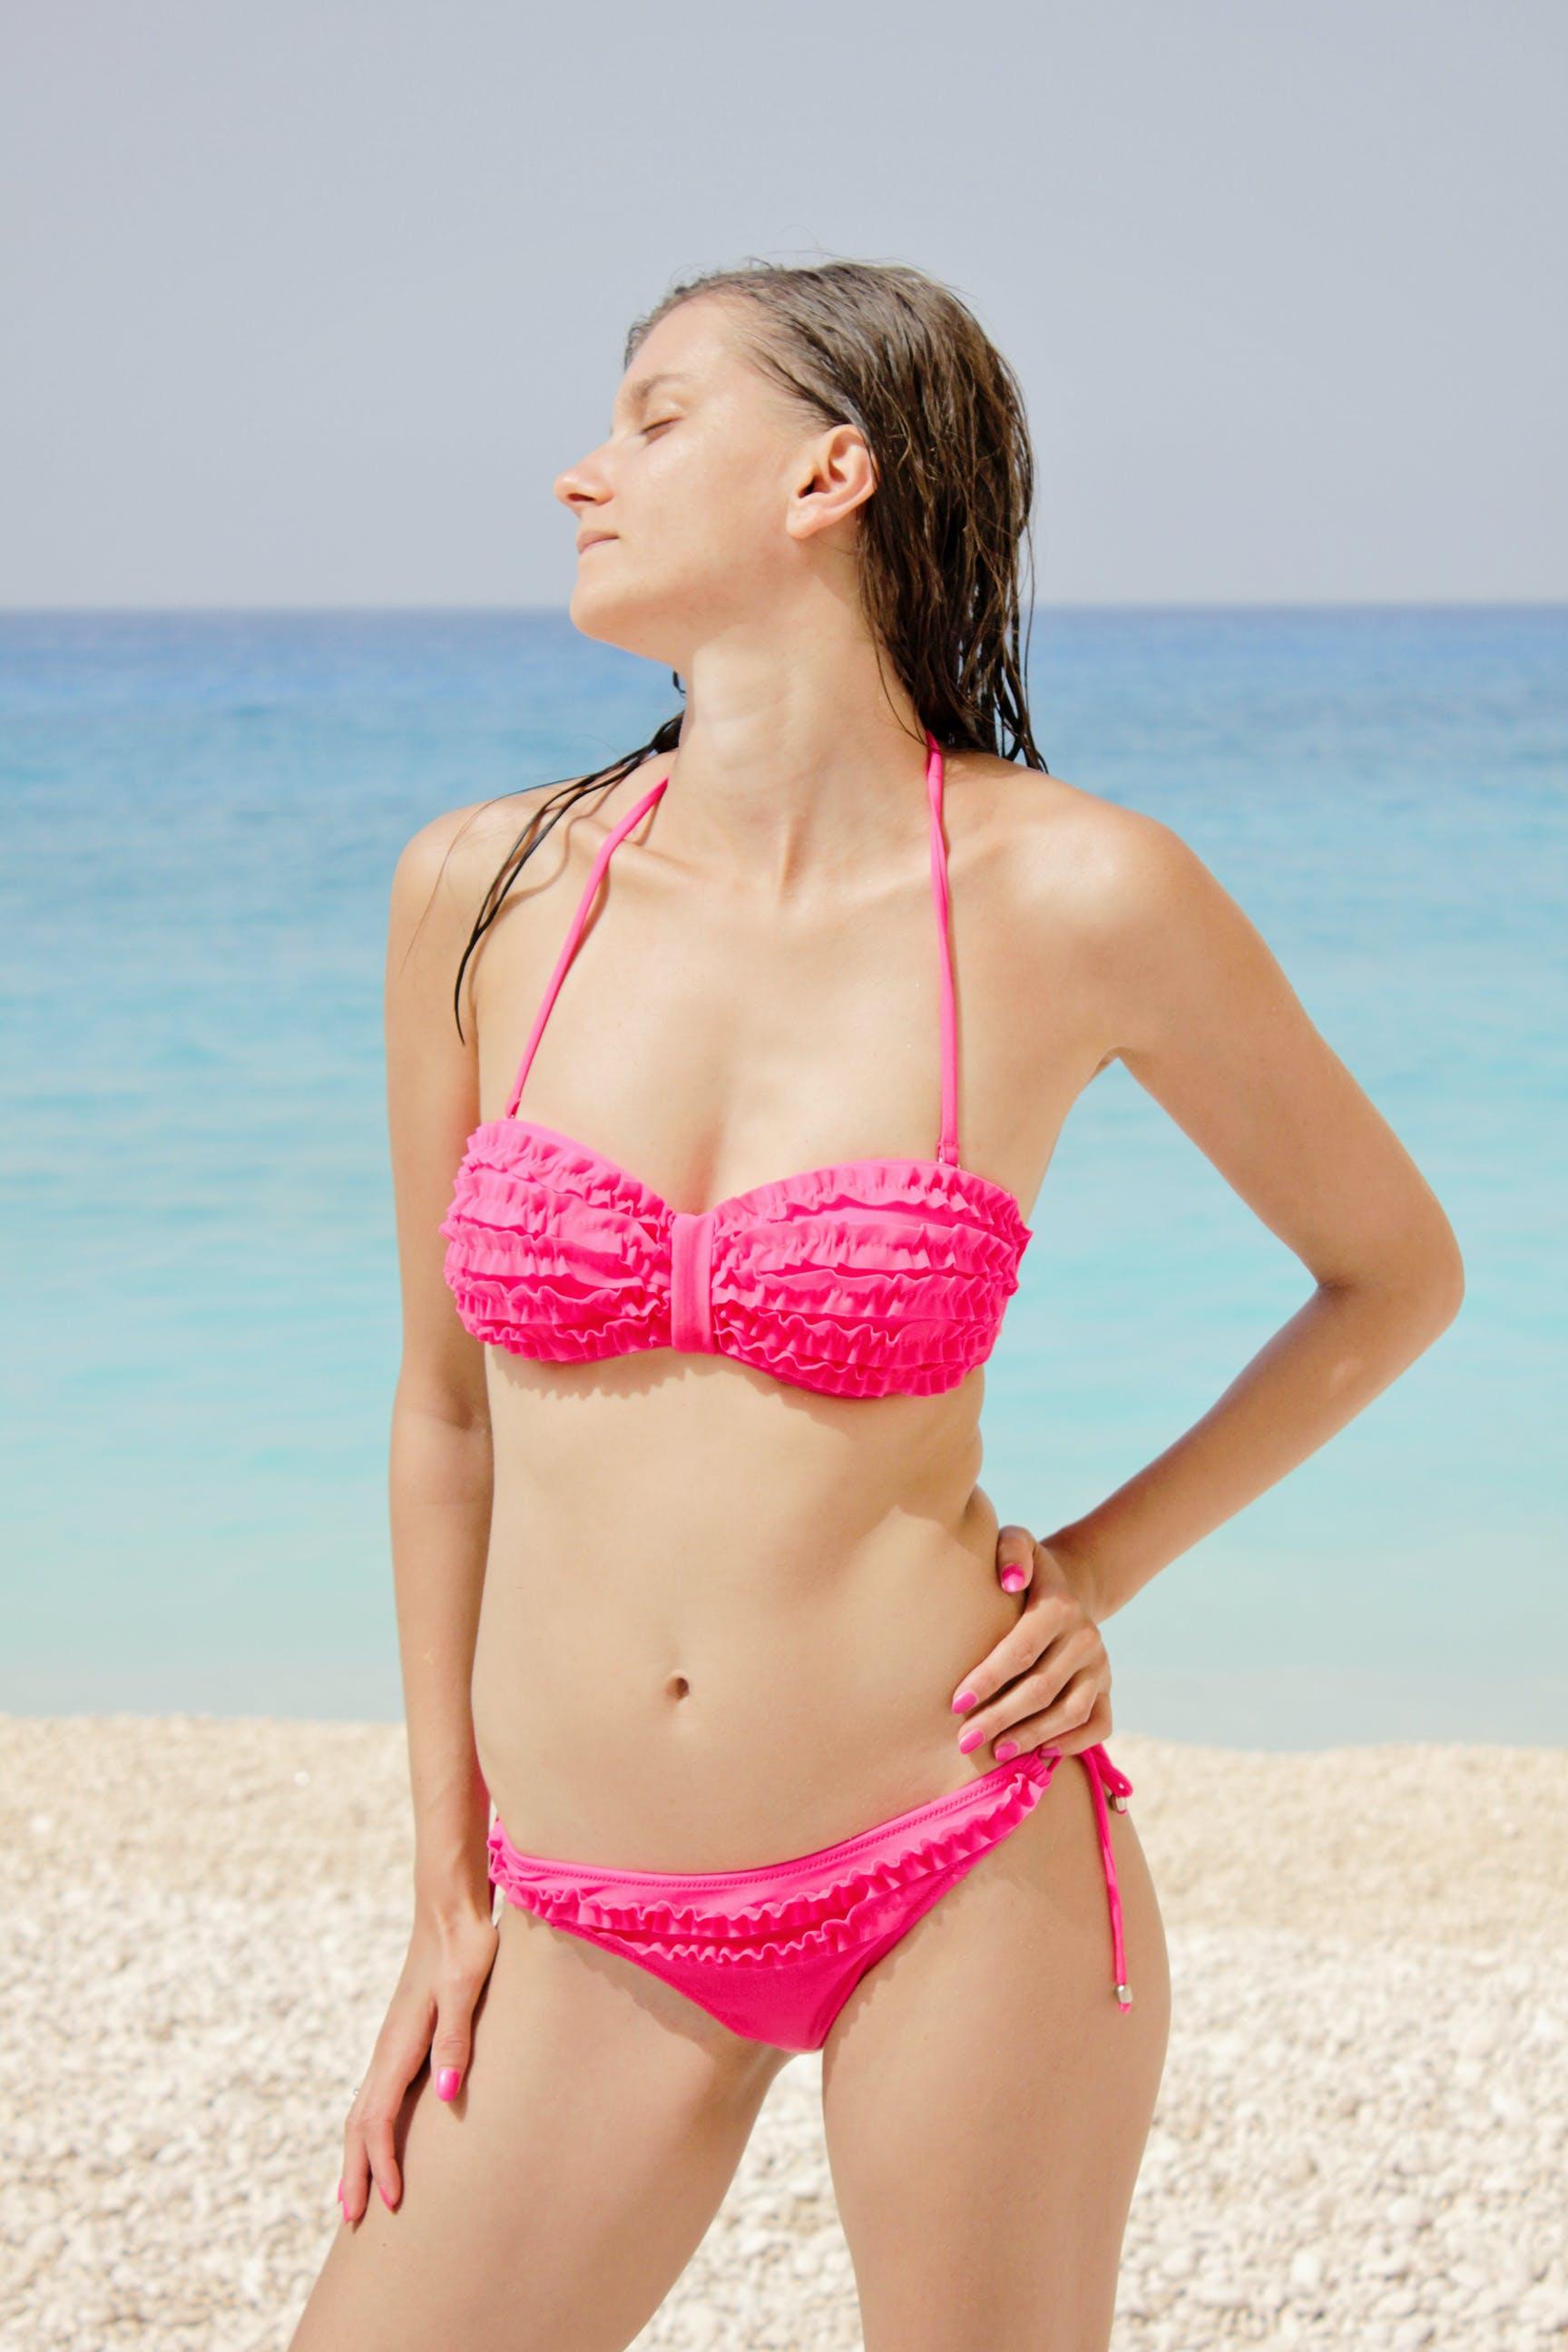 beach, bikini, body